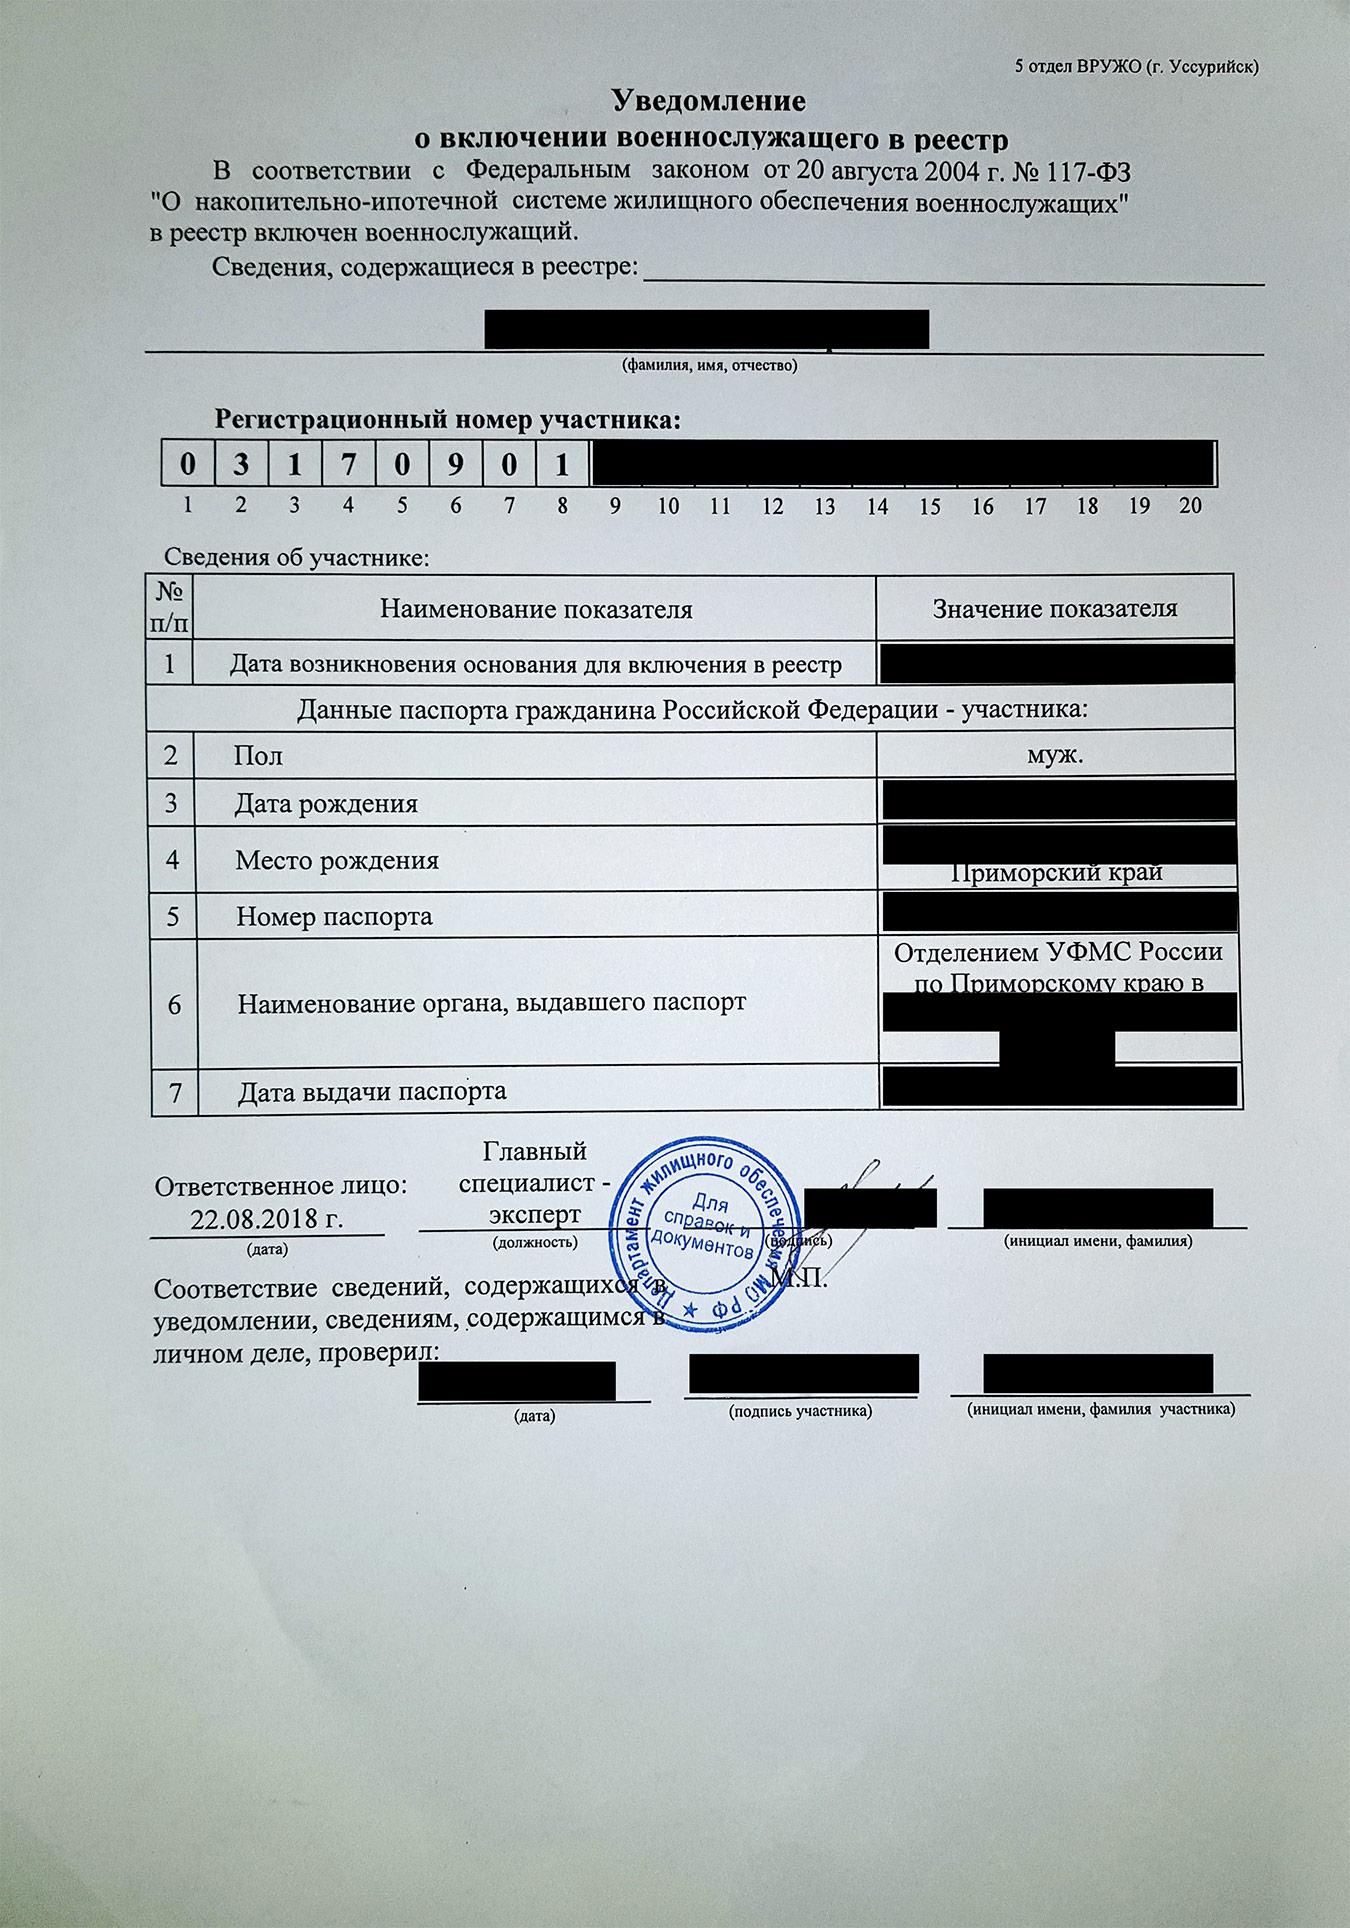 Эта бумага сообщает, что я участник военной ипотеки